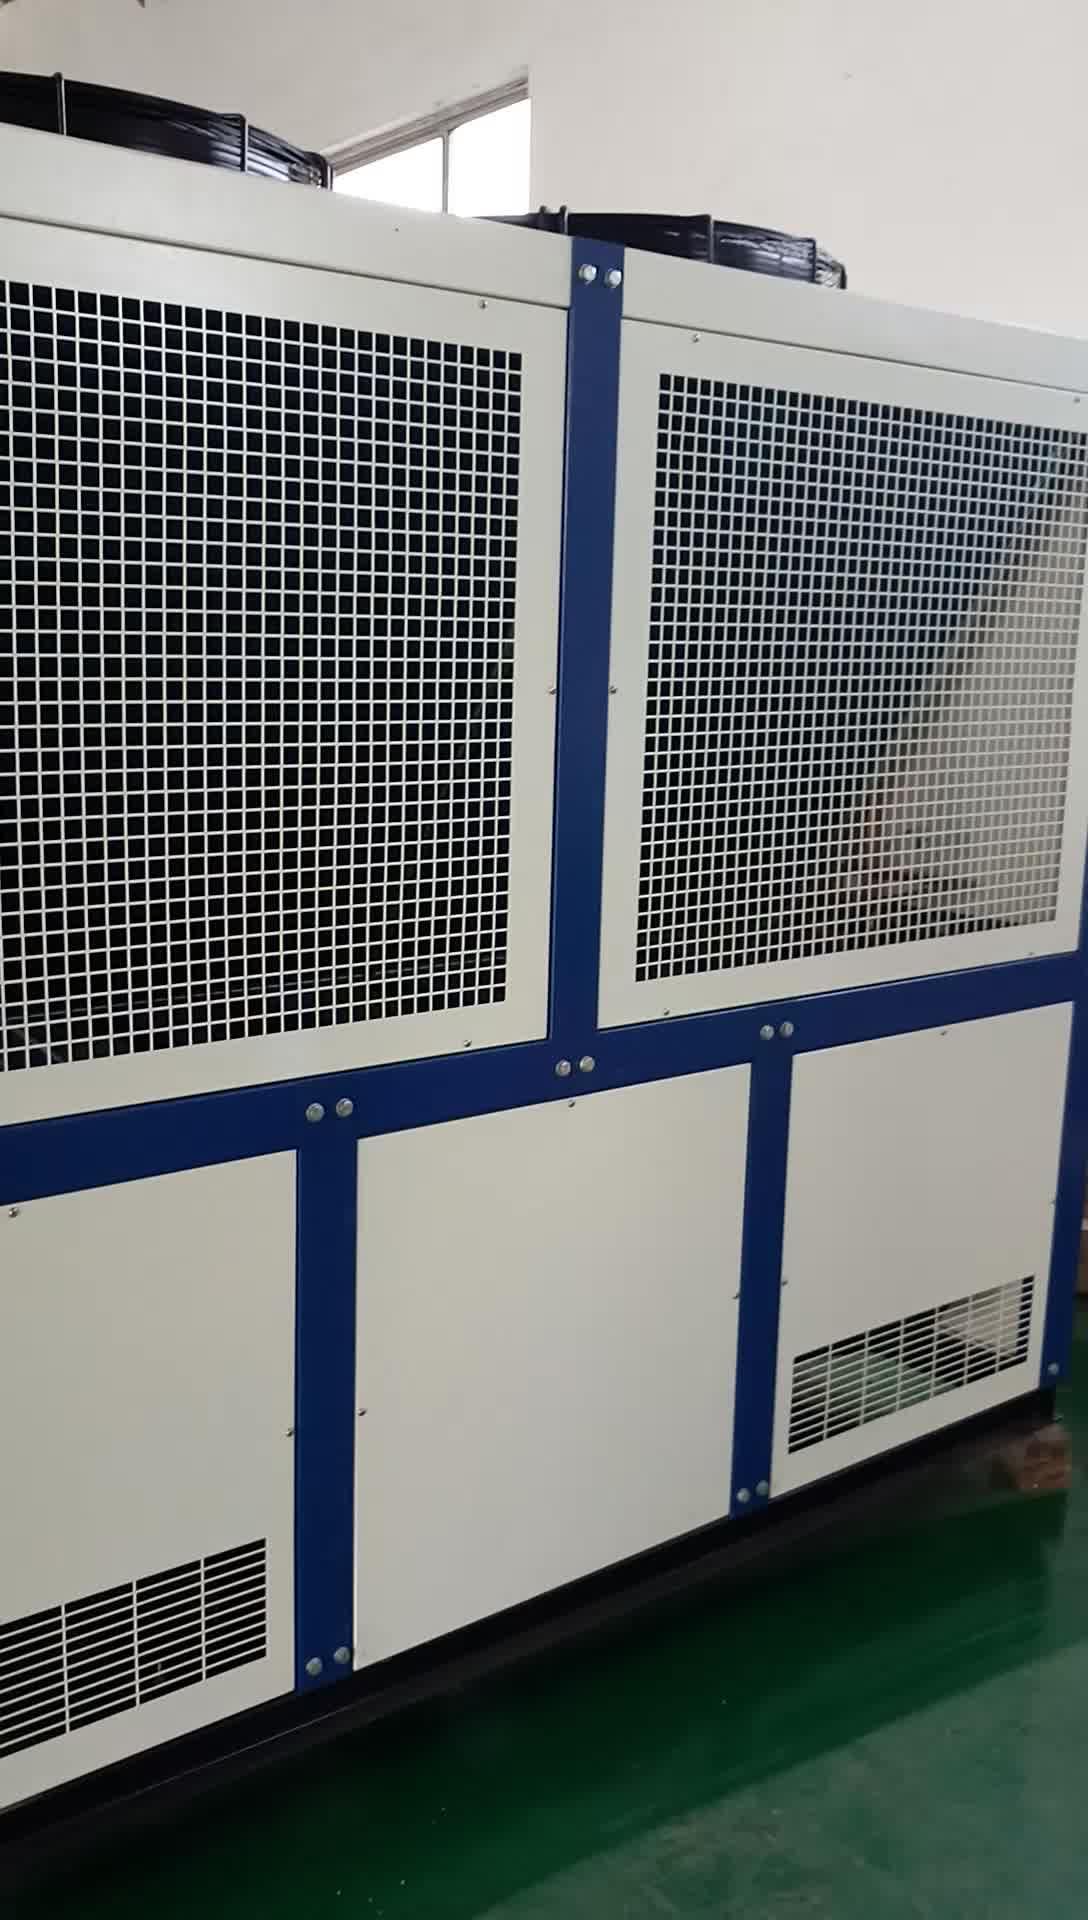 100KW ระบบระบายความร้อน 30 ตัน 40HP อุตสาหกรรมเครื่องทำความเย็นด้วยน้ำเย็น